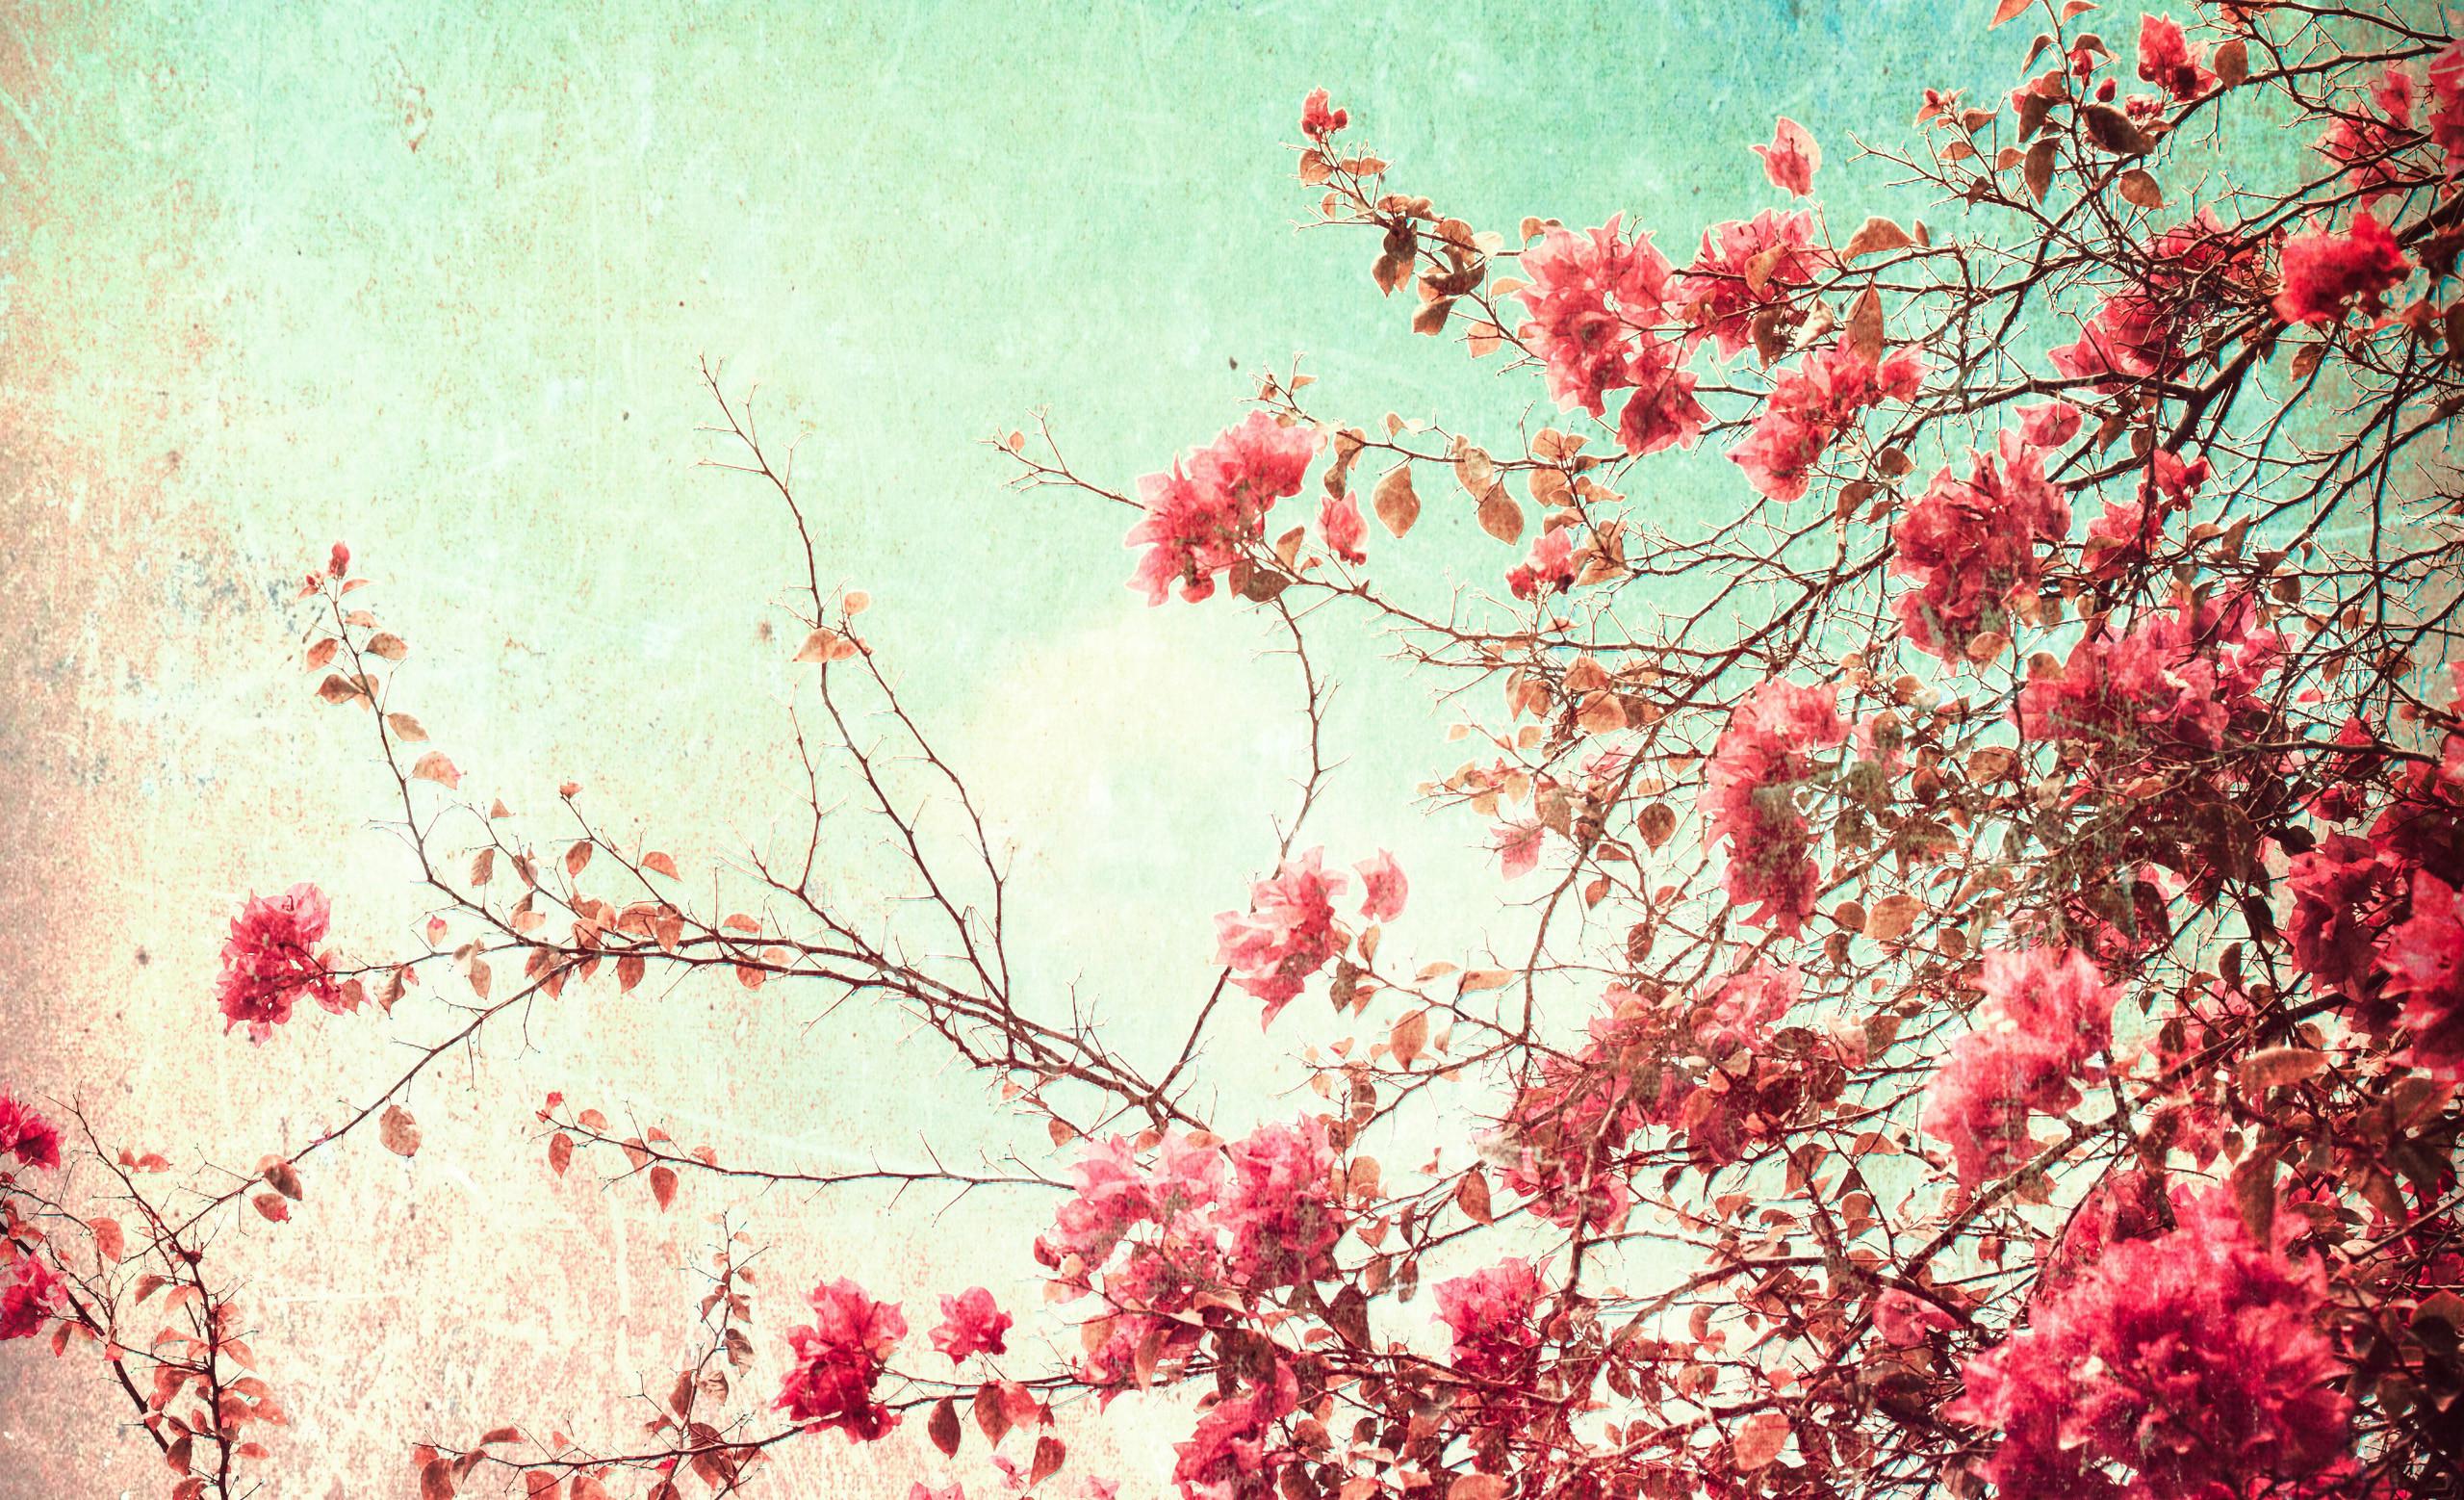 Floral Desktop Backgrounds 51 Images